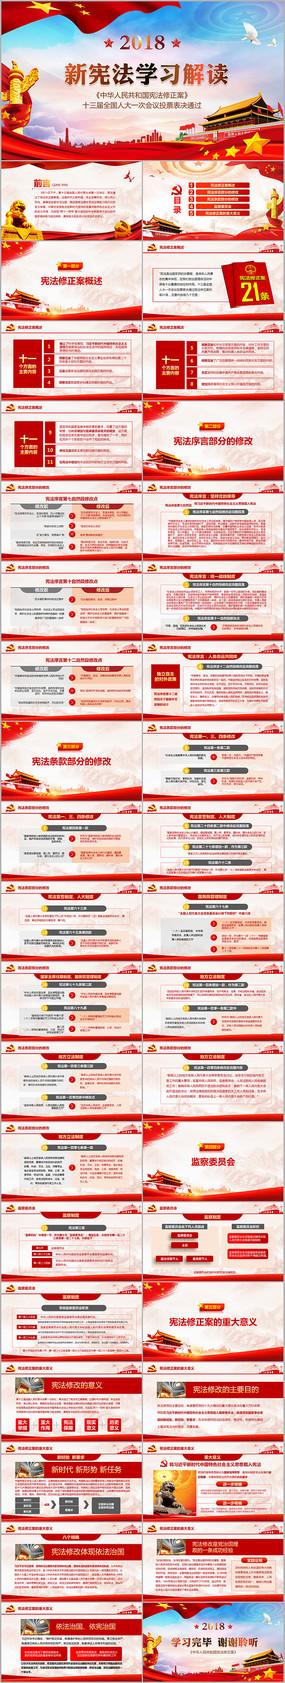 中华人民共和国宪法修正案解读PPT